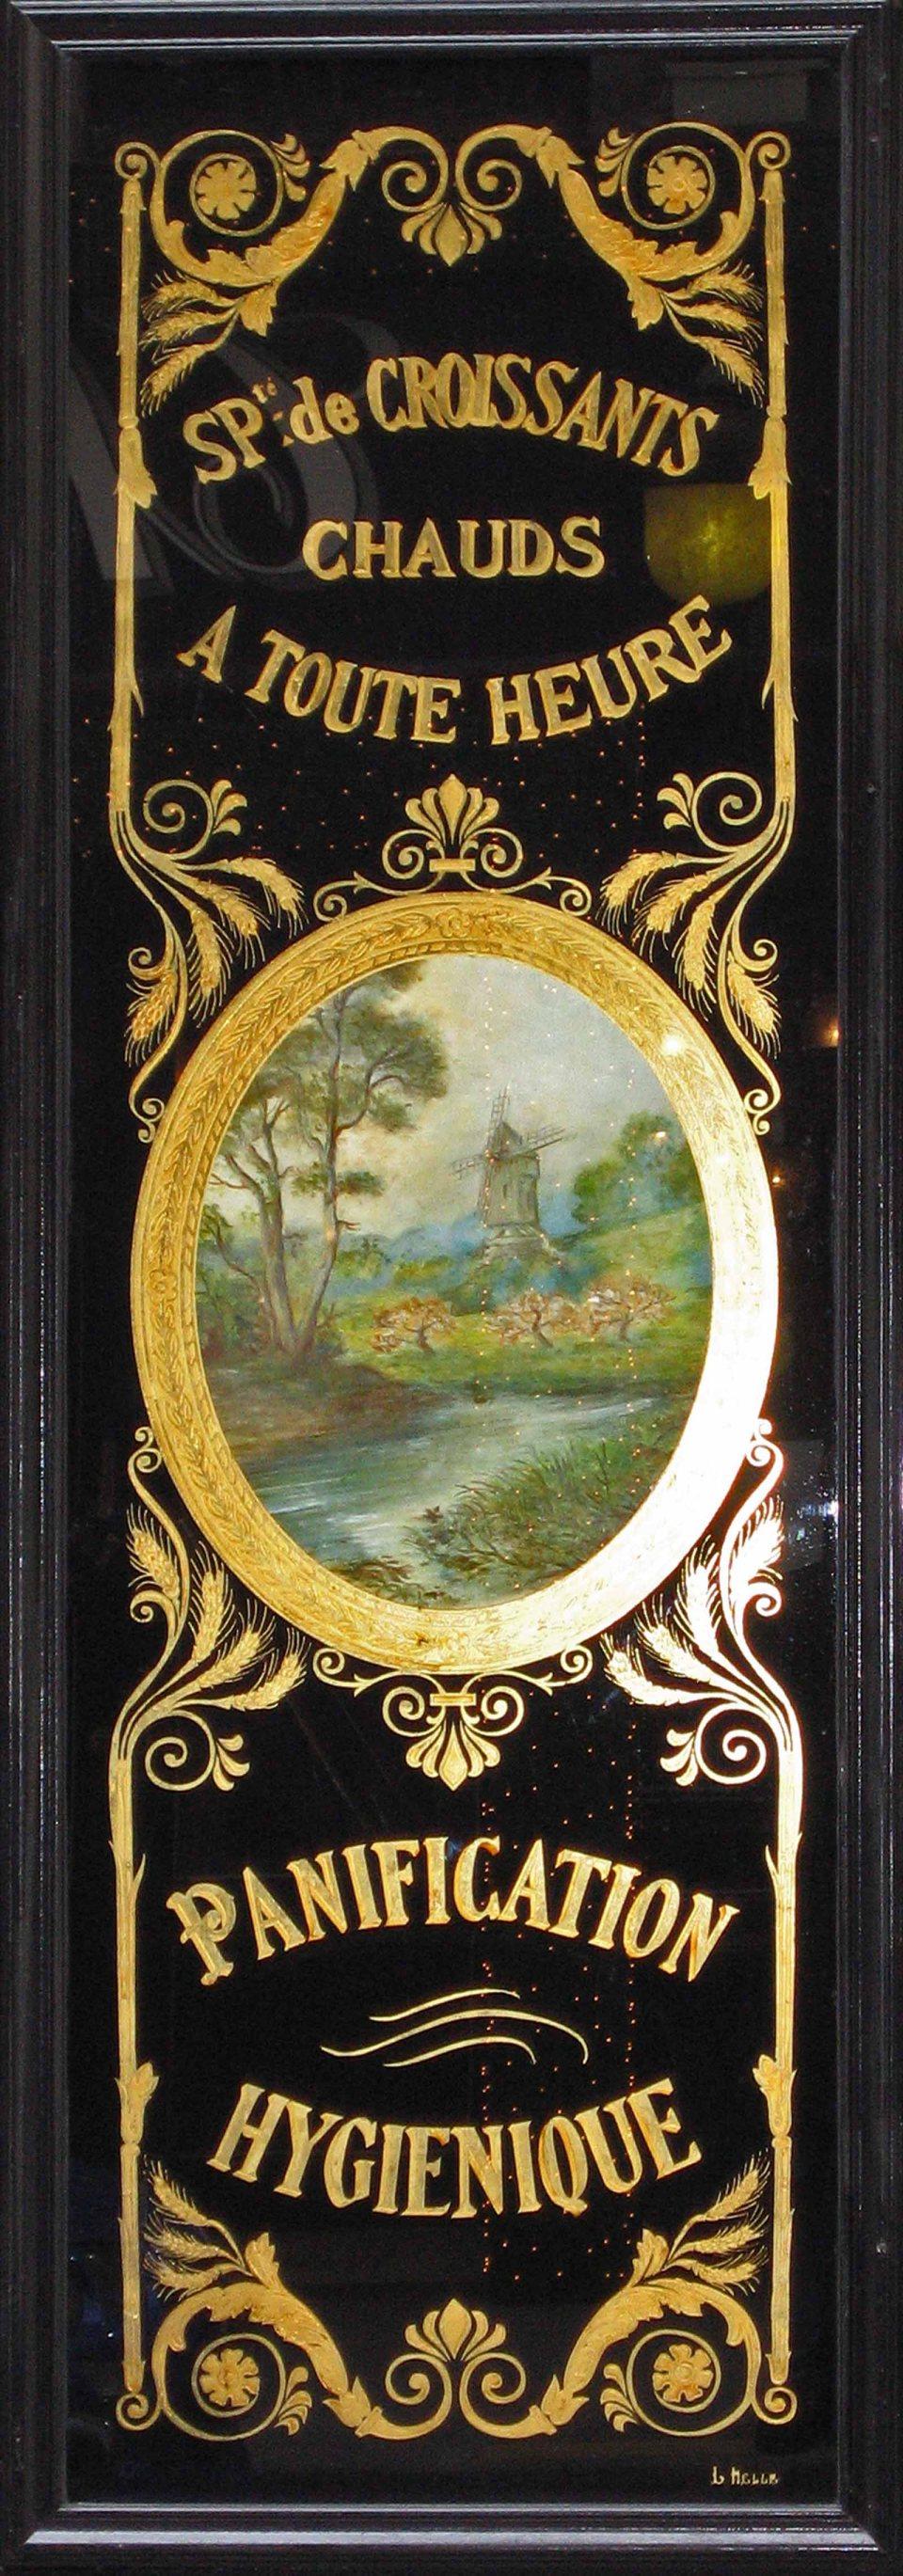 Panneau décoratif feuille d'or panification hygiènique